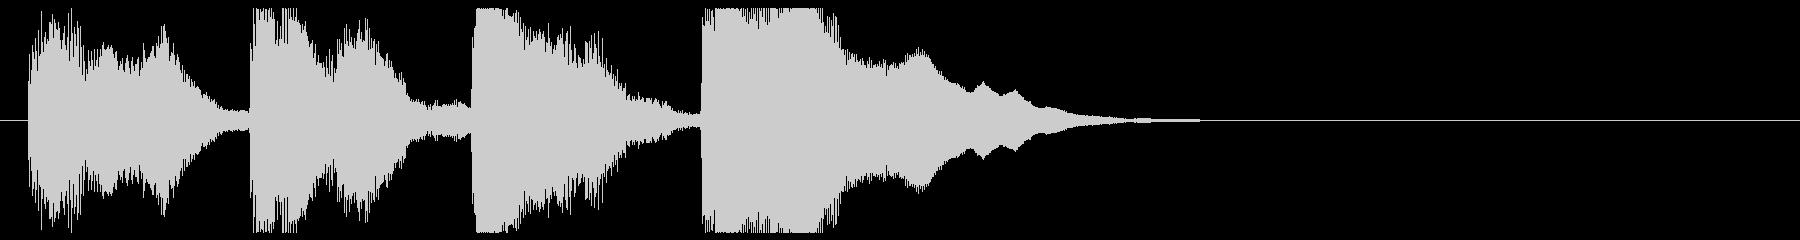 上昇する鉄琴のジングルの未再生の波形